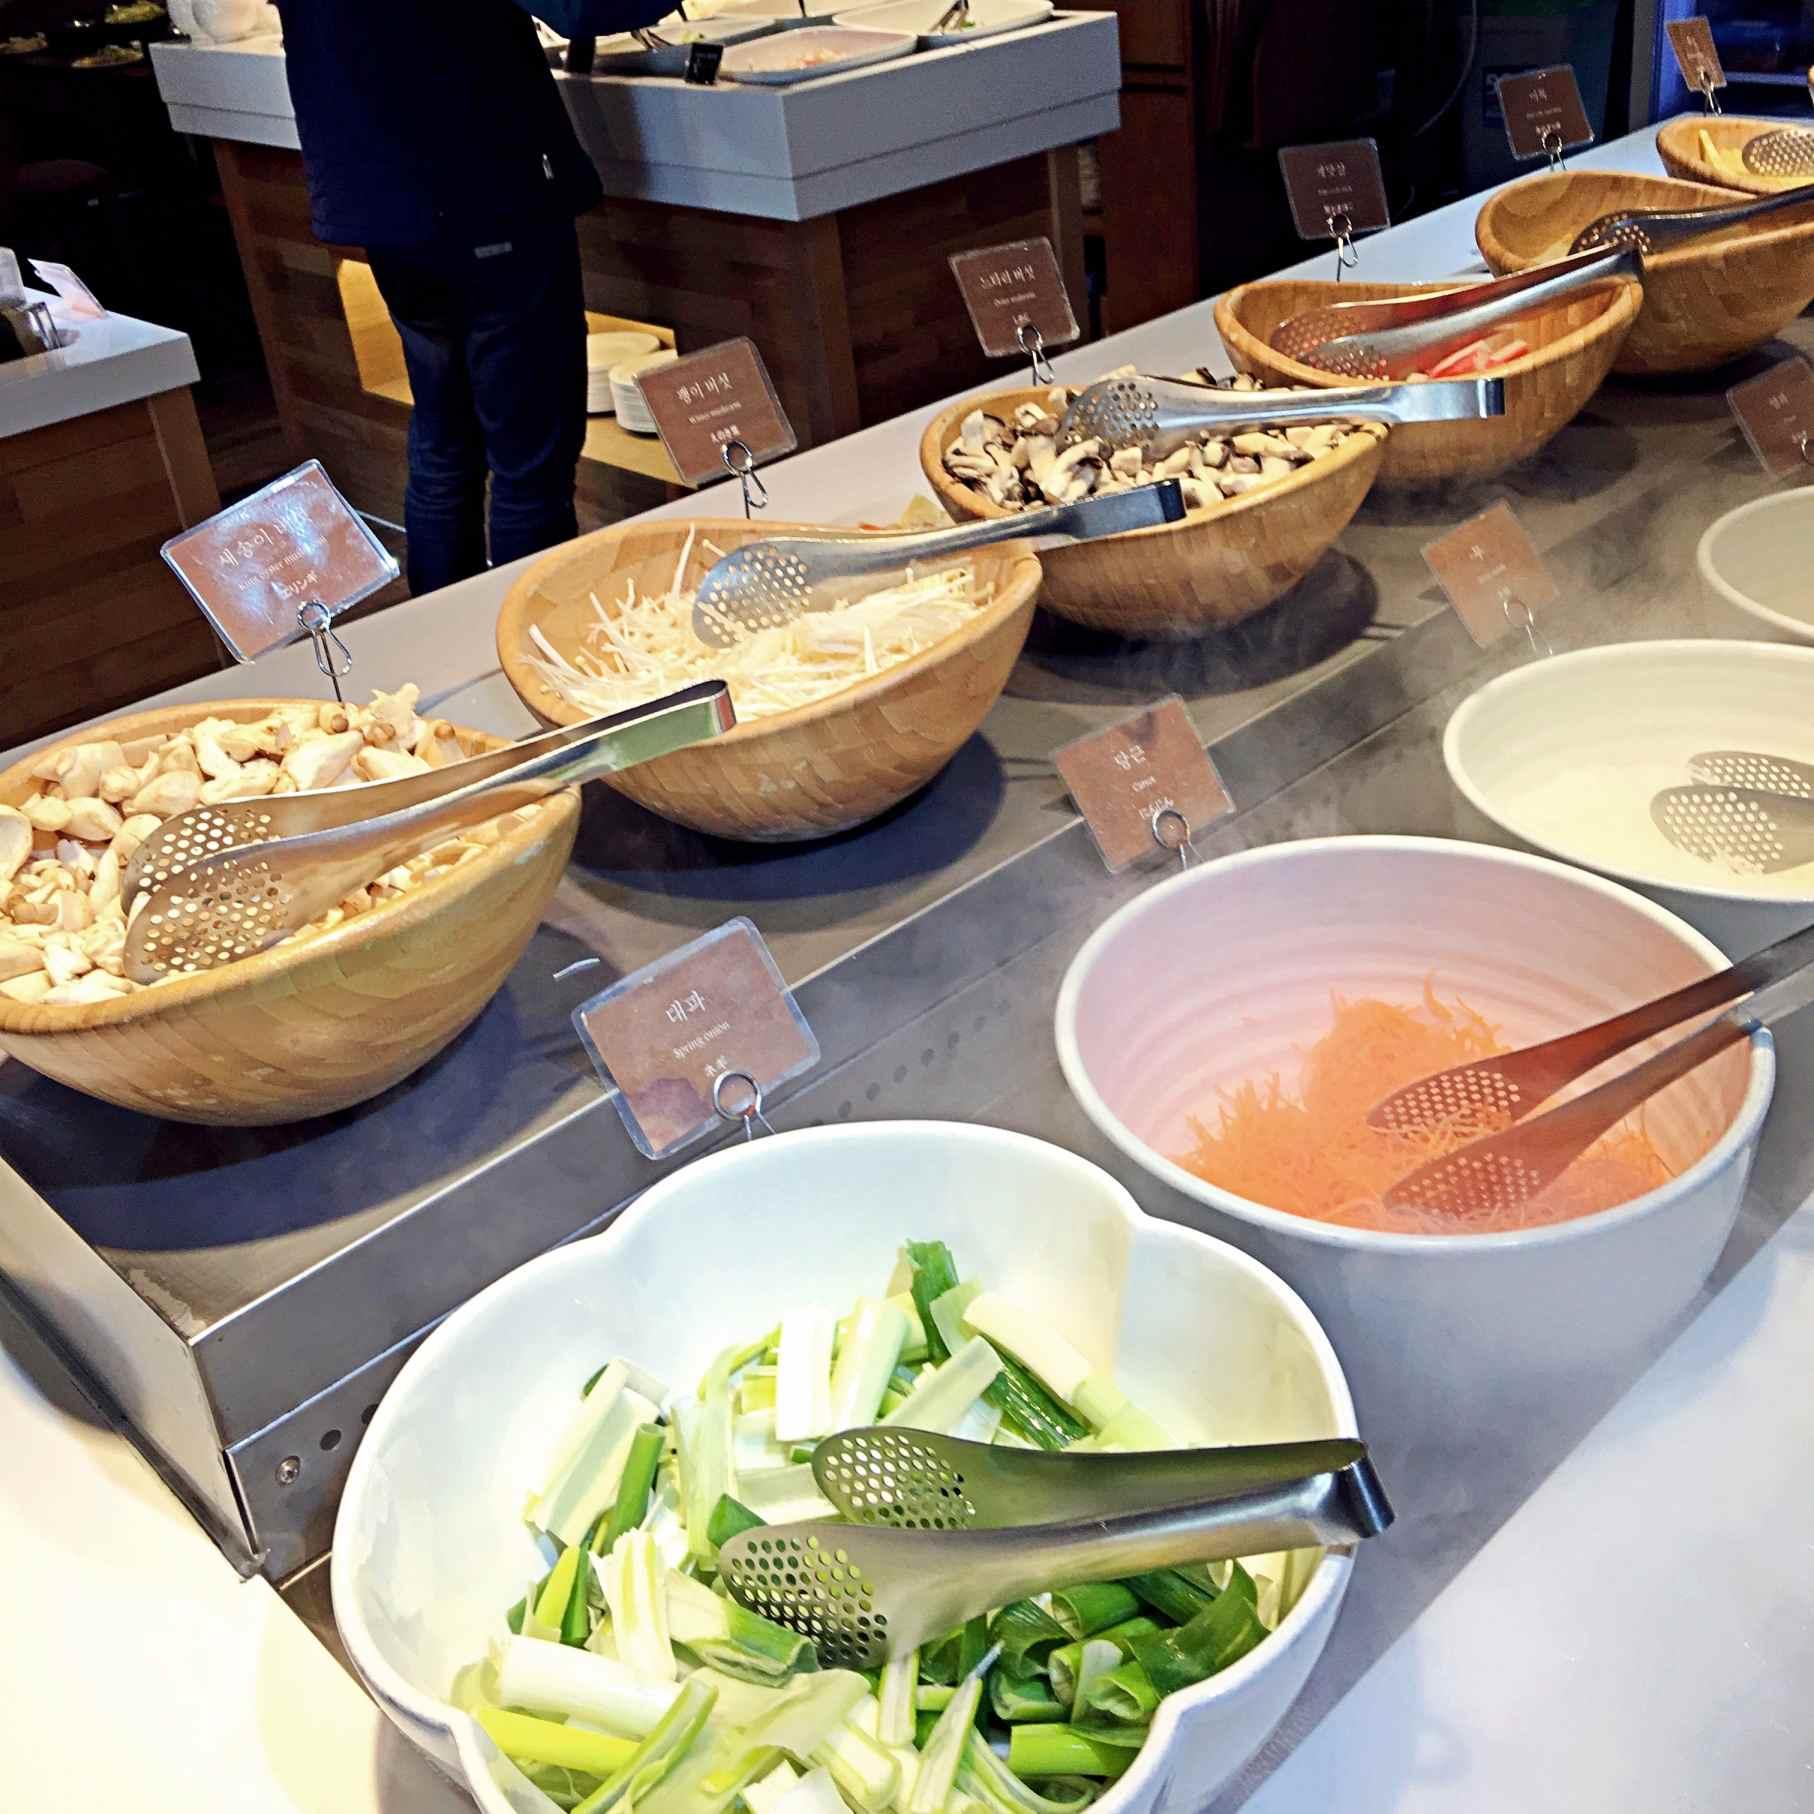 菇類及各種蔬菜選擇也好多。而且你看那個煙,乾冰冷凍保鮮效果有足夠!